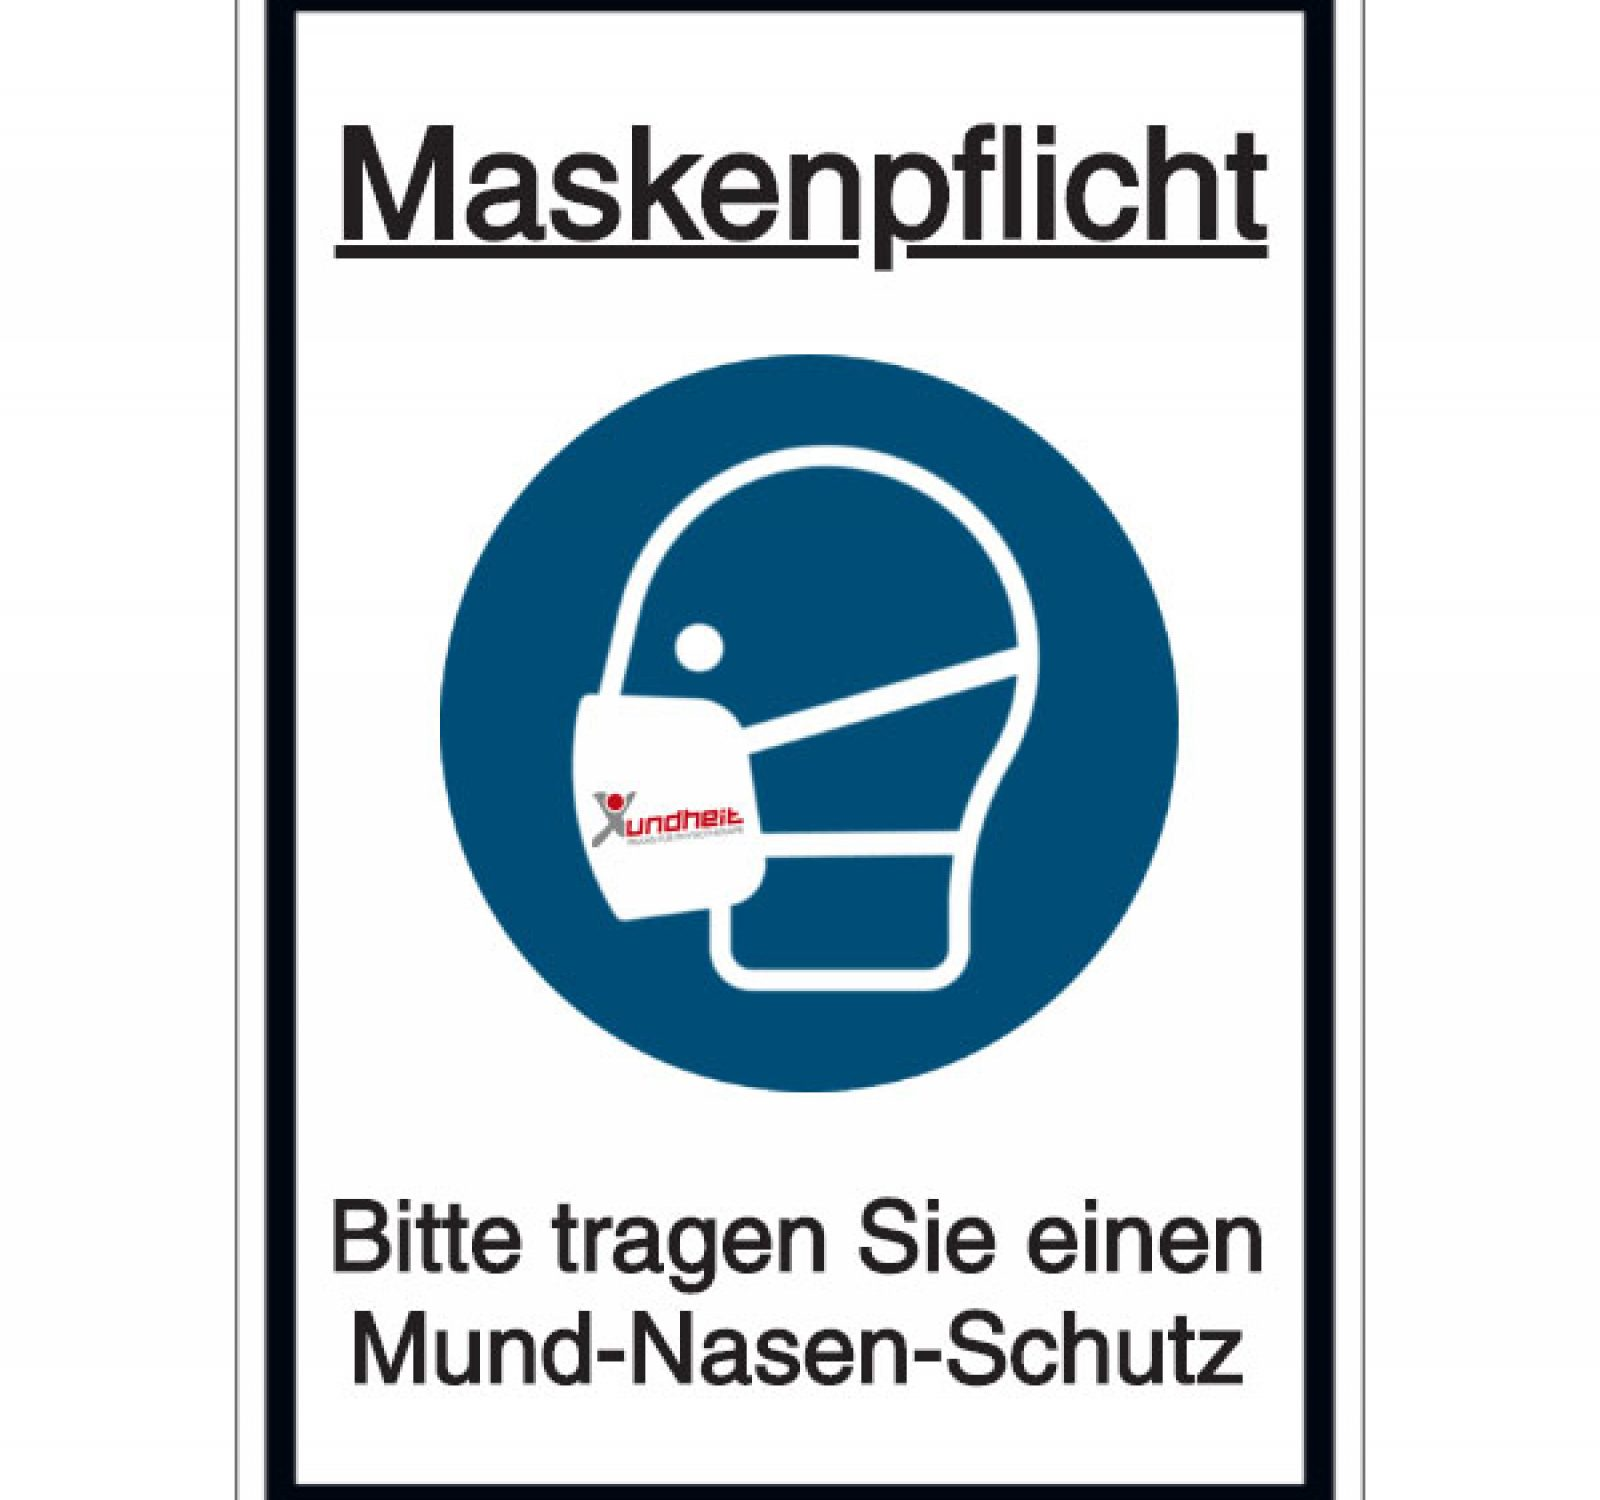 http://www.praxis-xundheit.de/wp-content/uploads/2020/04/maskenpflicht-bitte-tragen-sie-einen-mund-nasen-schutz-1600x1500.jpg